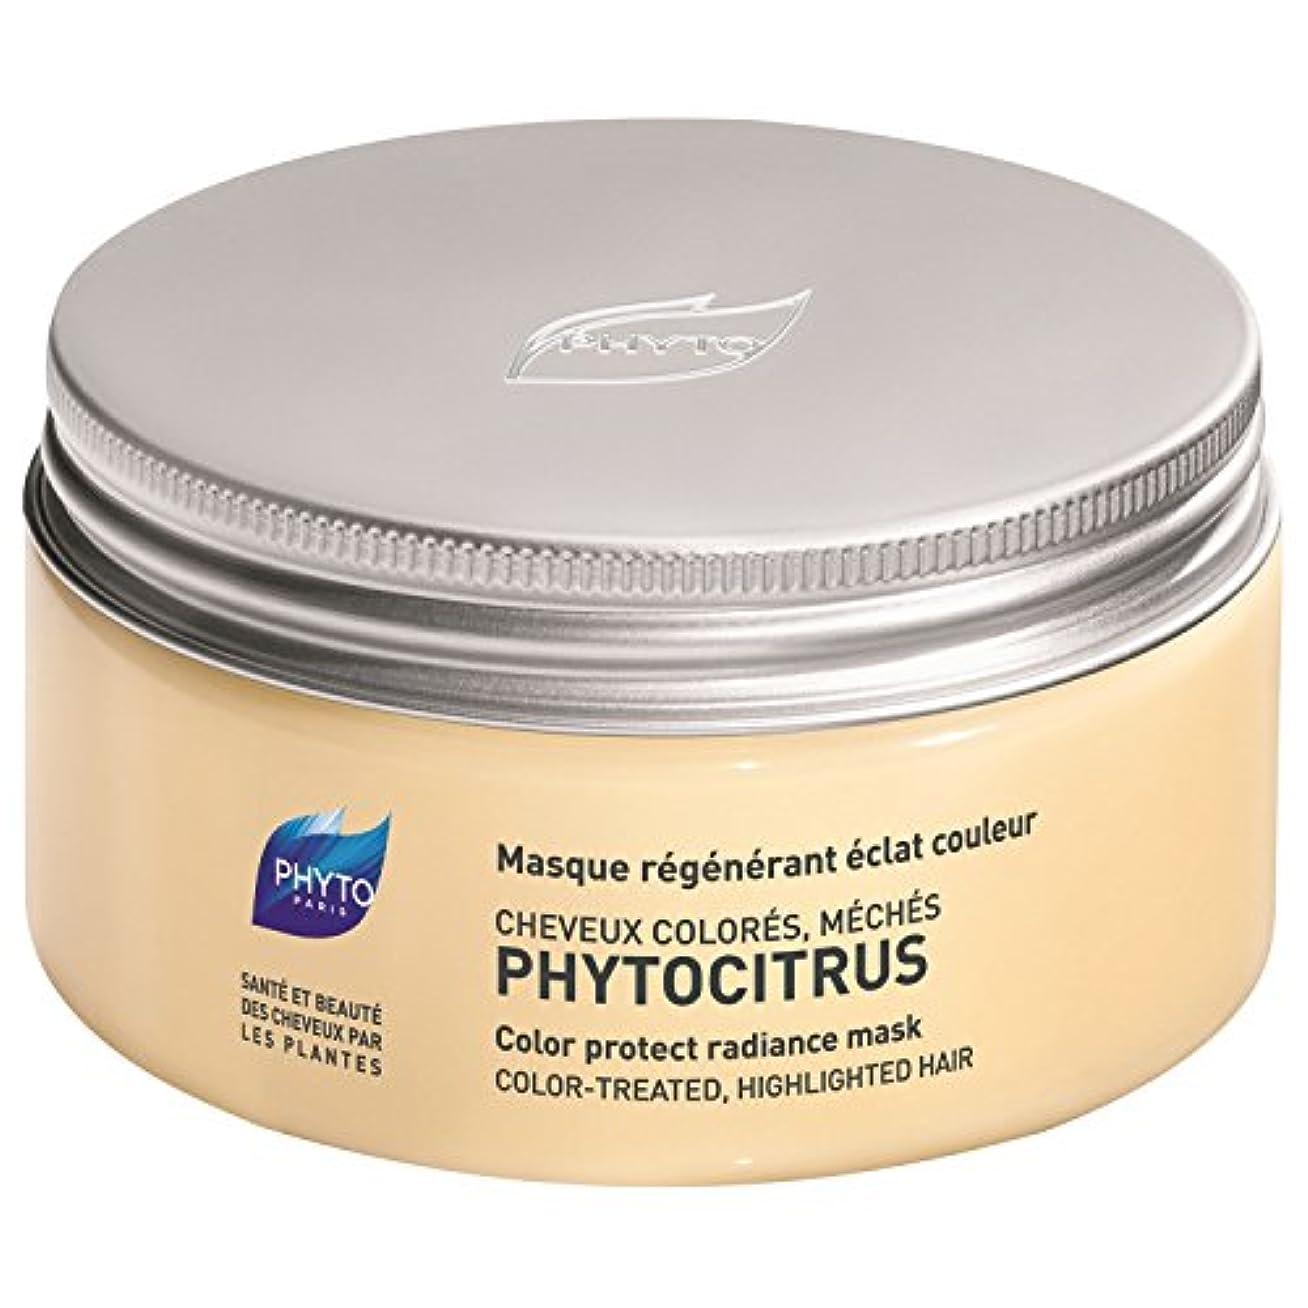 アコー治世請願者フィトPhytocitrus色保護放射輝度マスク200ミリリットル (Phyto) - Phyto Phytocitrus Colour Protect Radiance Mask 200ml [並行輸入品]